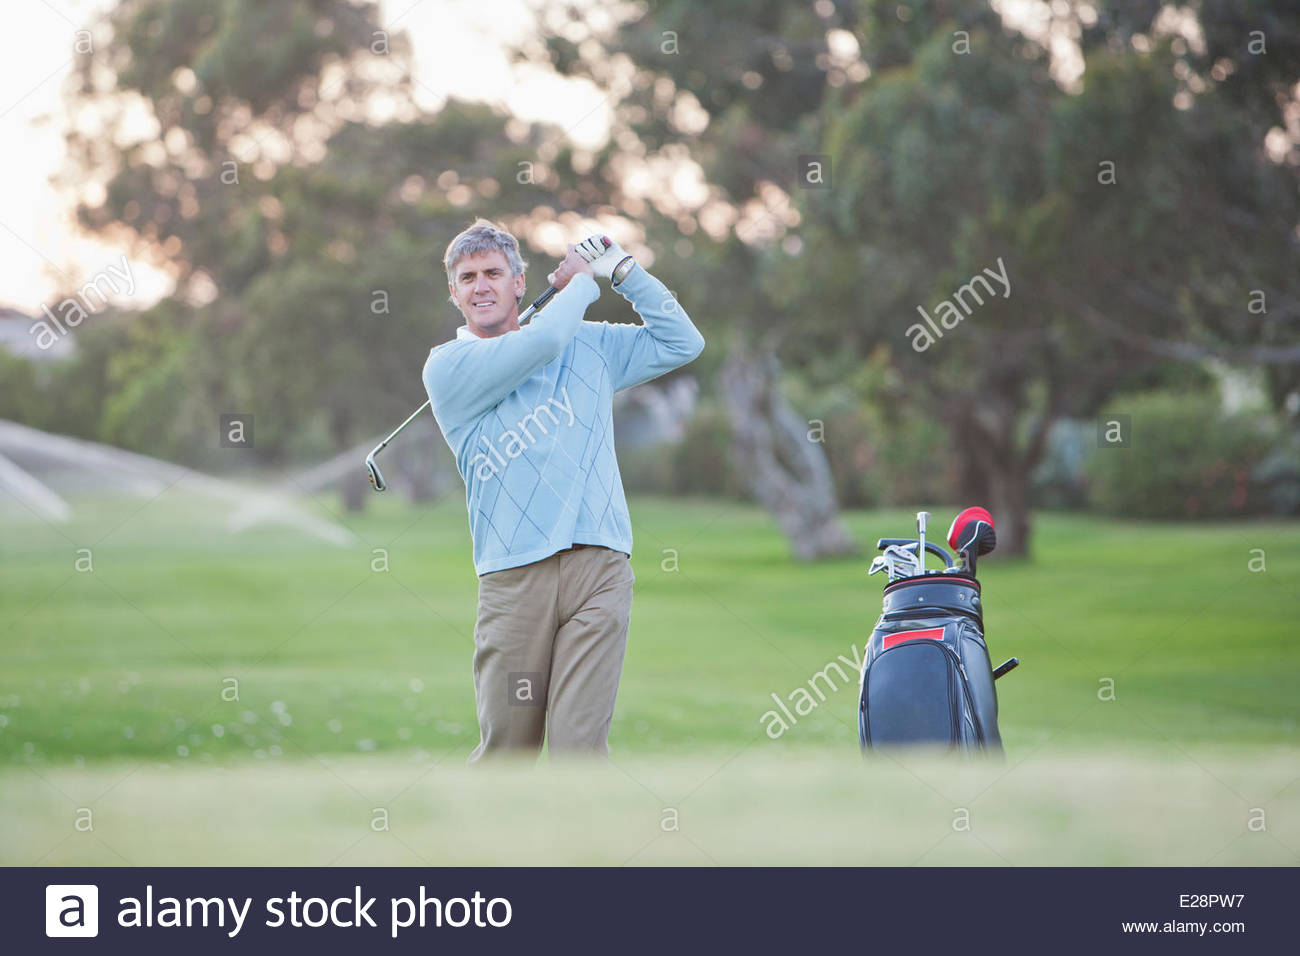 Man playing golf - Stock Image